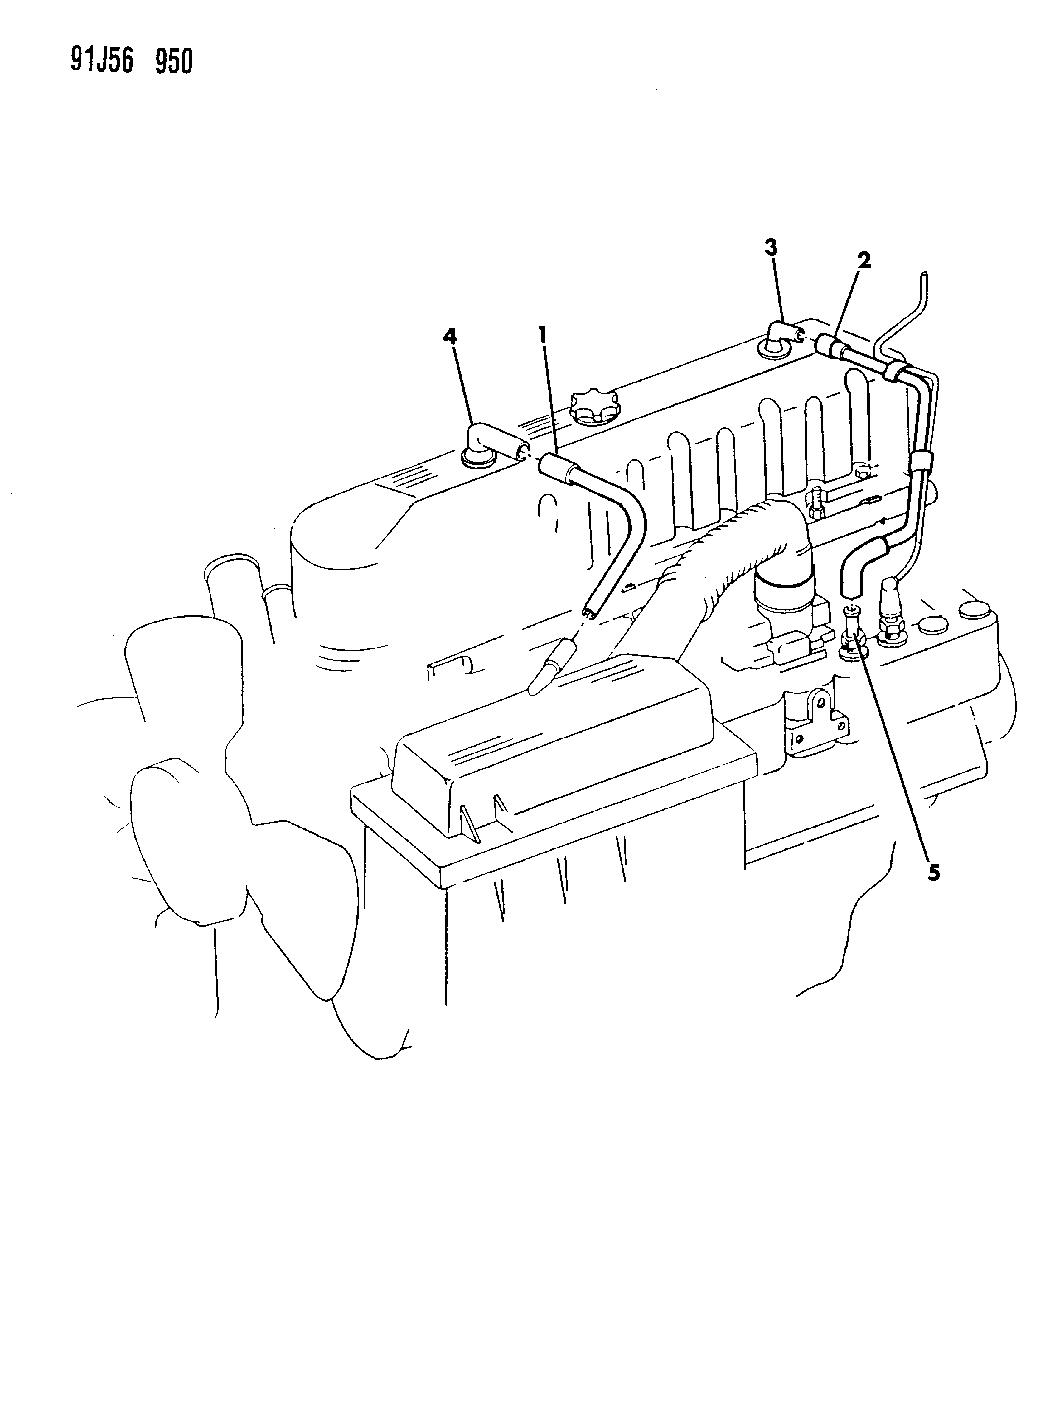 1991 Jeep Wrangler Crankcase Ventilation Mopar Parts Giant Engine Diagram Thumbnail 1